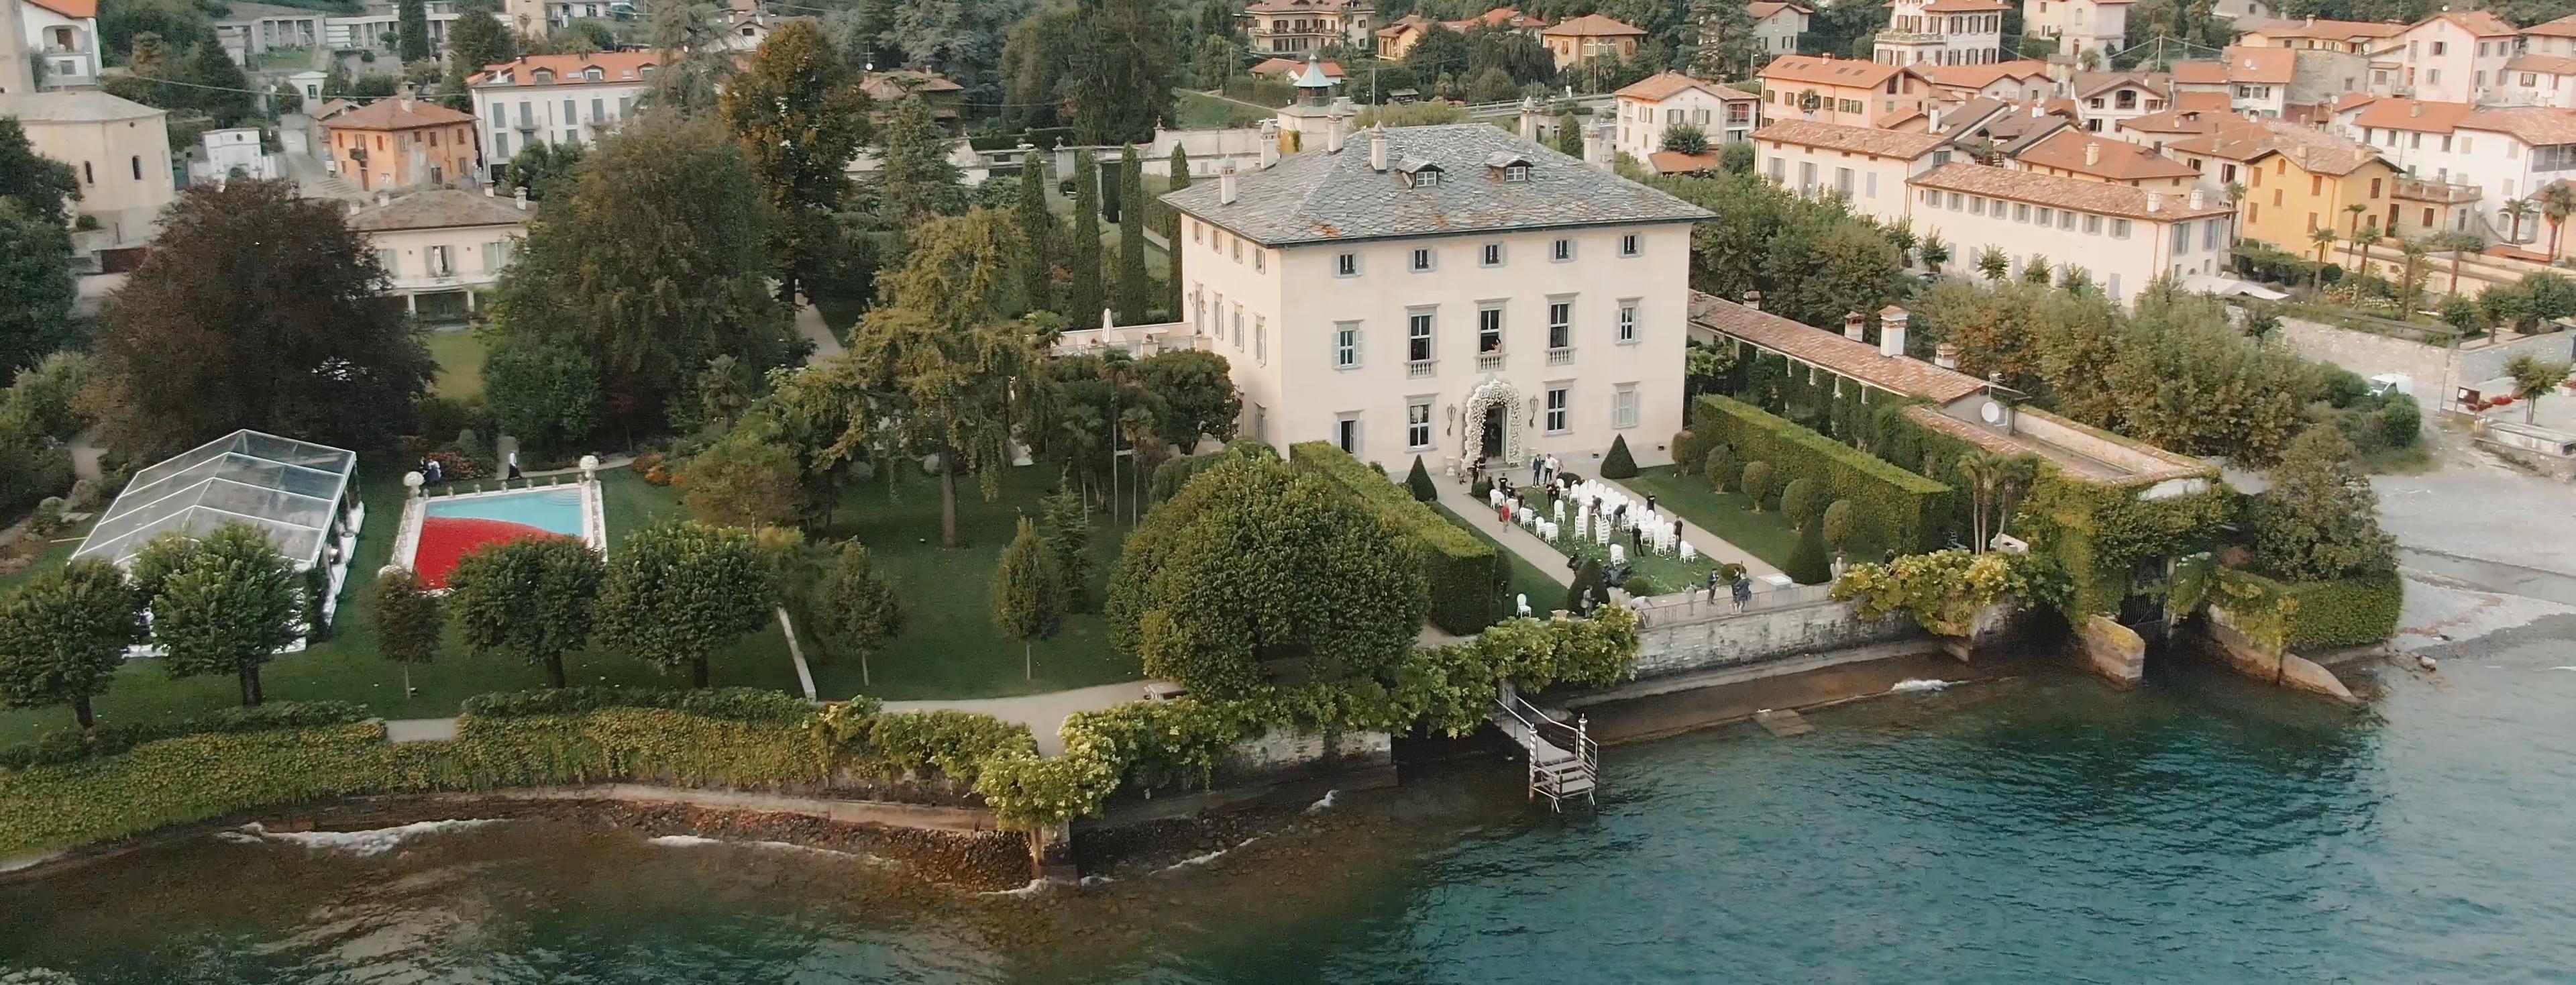 Rebecca + Glen | Venice, Italy | Villa Balbiano